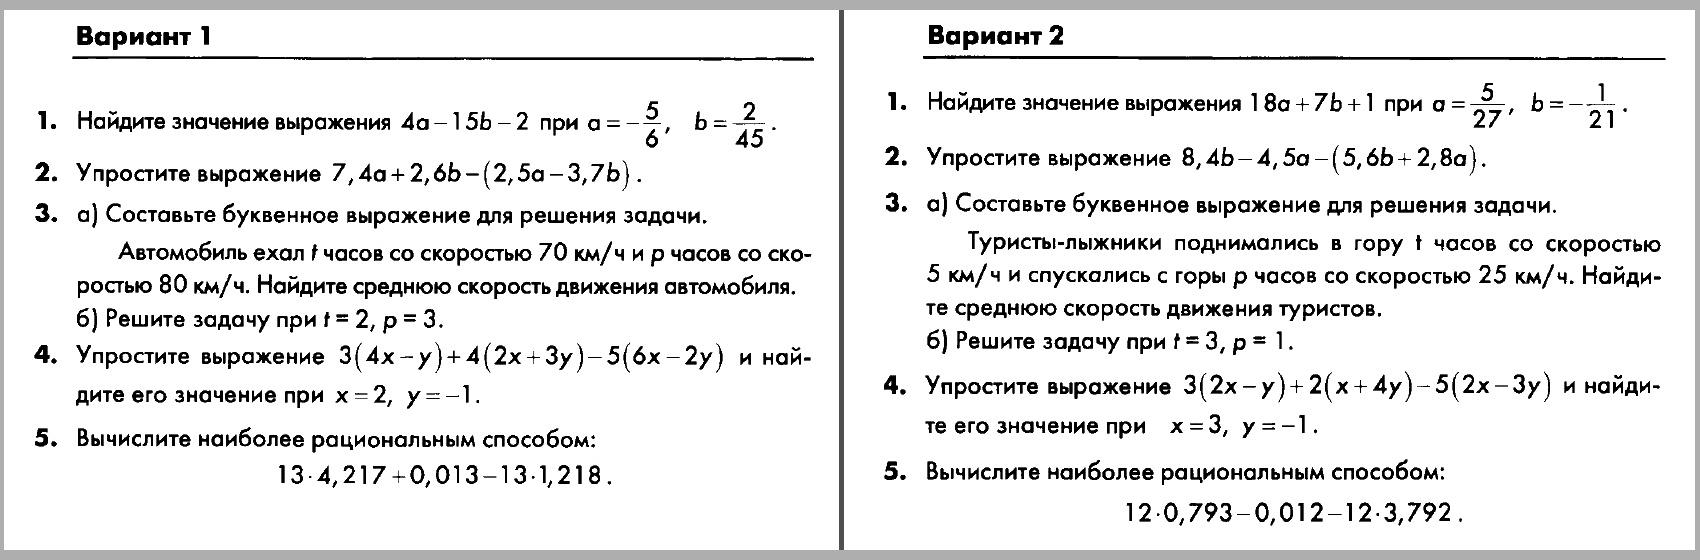 Алгебра 7 класс математическая девушка модель контрольная работа сайты веб камер модели